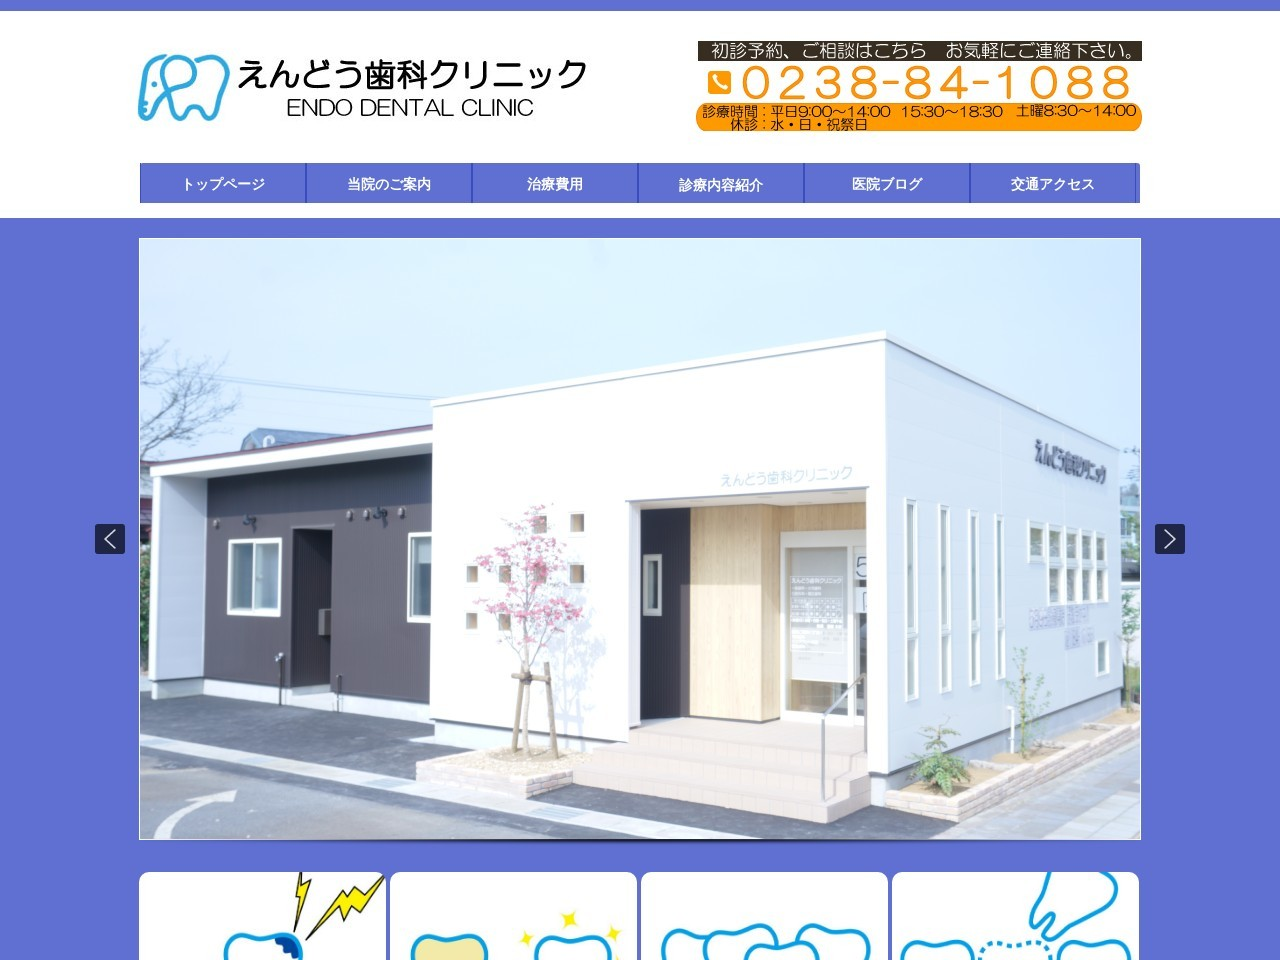 えんどう歯科クリニック (山形県長井市)